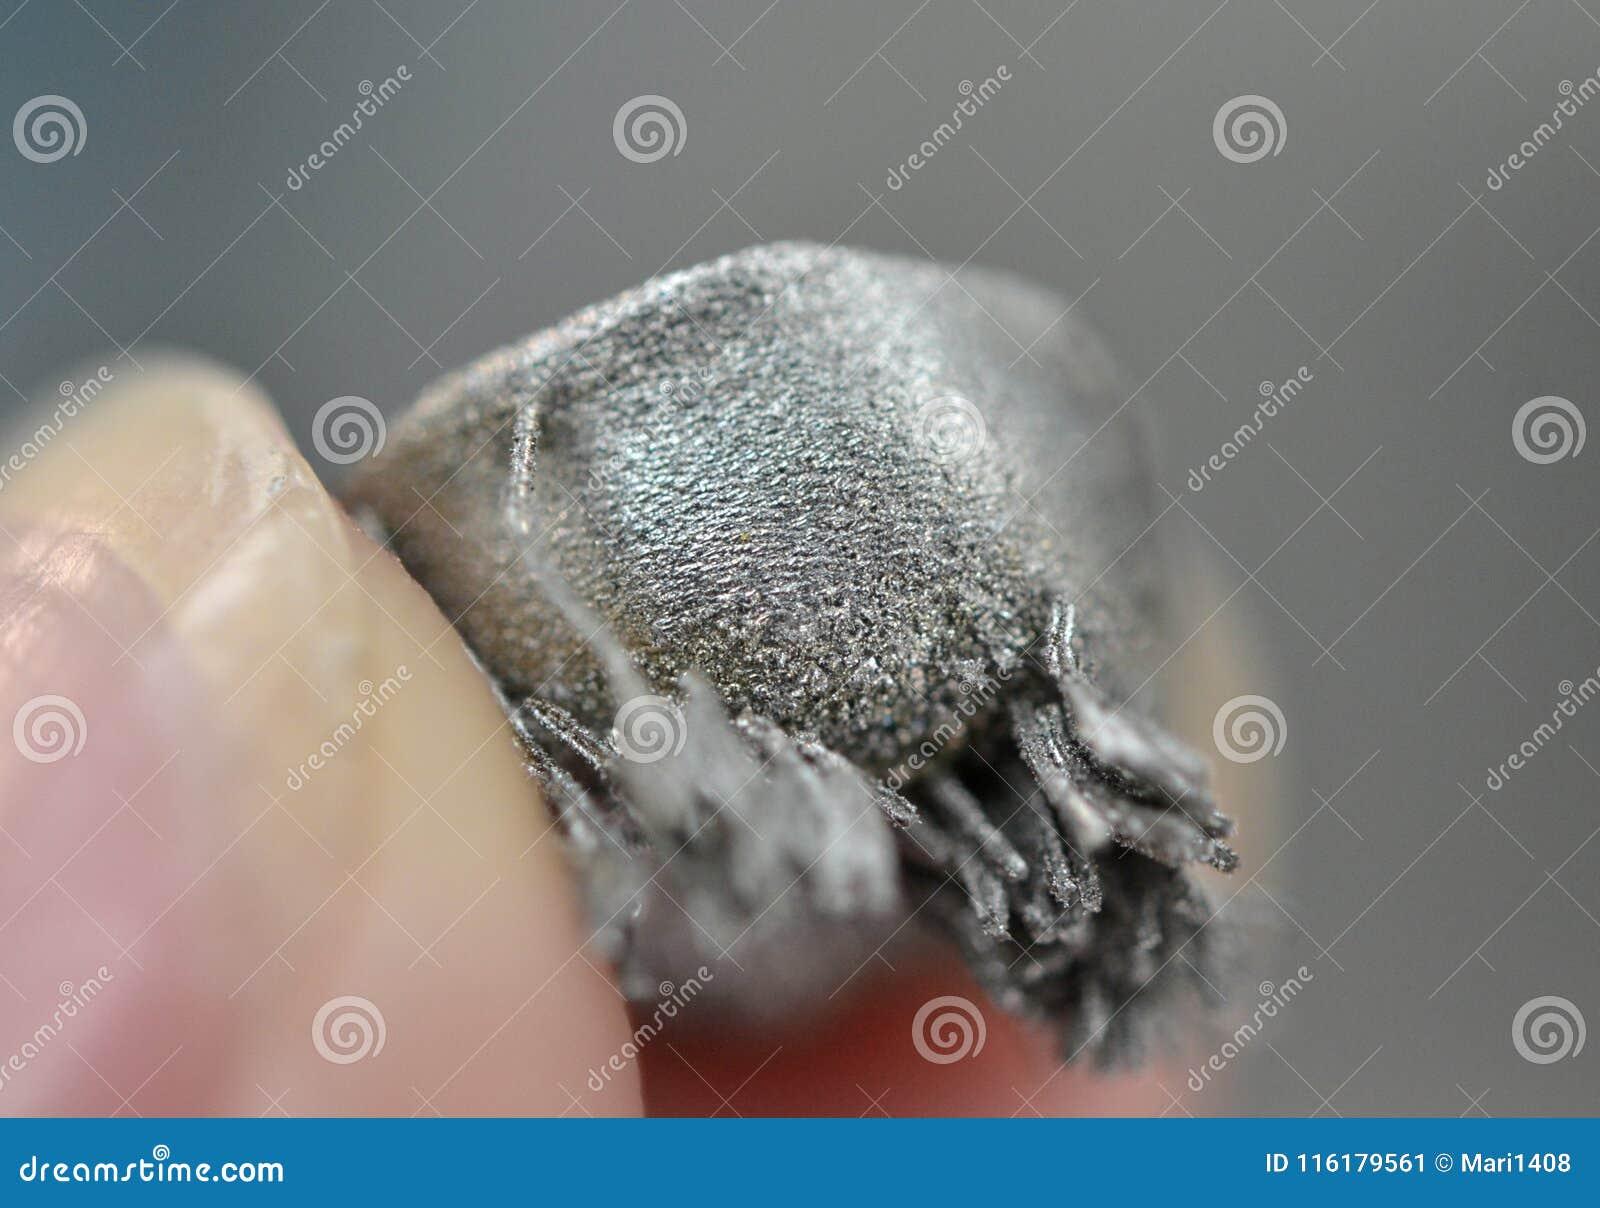 Μικρό αντικείμενο που τυπώνεται στην τρισδιάστατη μακροεντολή εκτυπωτών μετάλλων